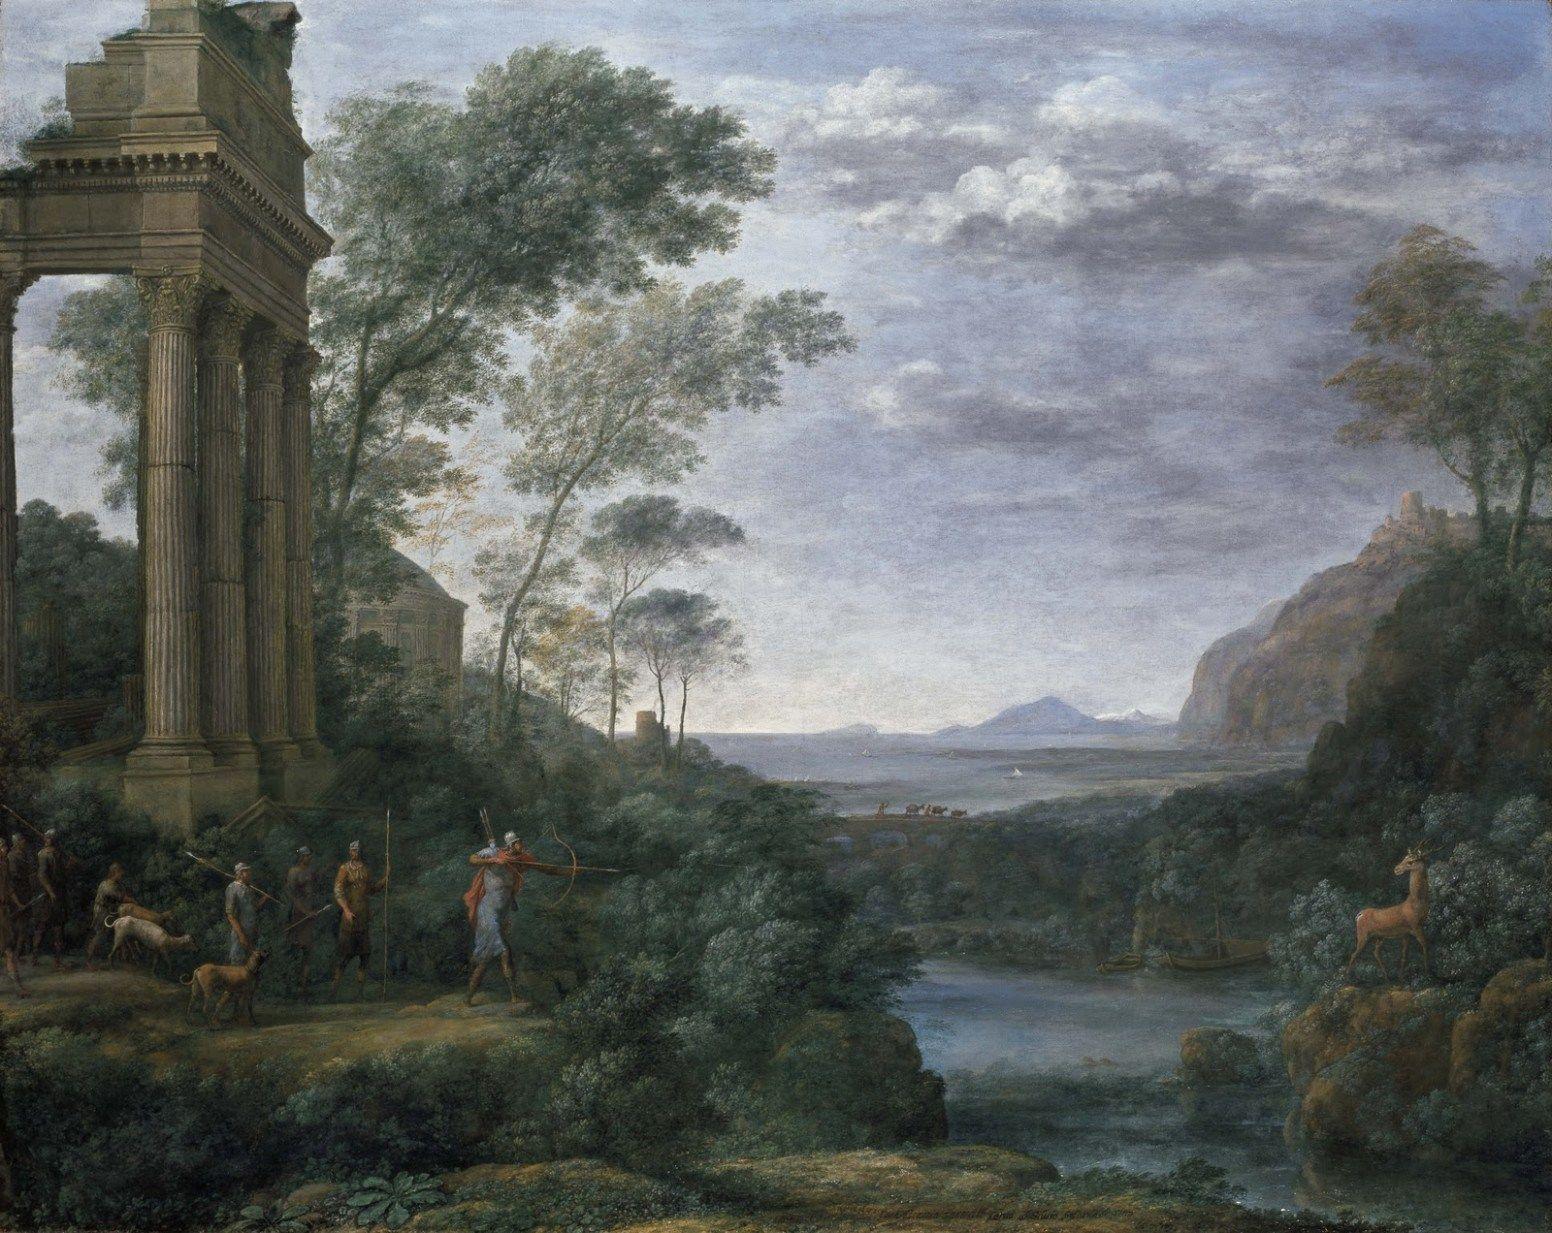 Pin by painter legend on painterlegend Landscape